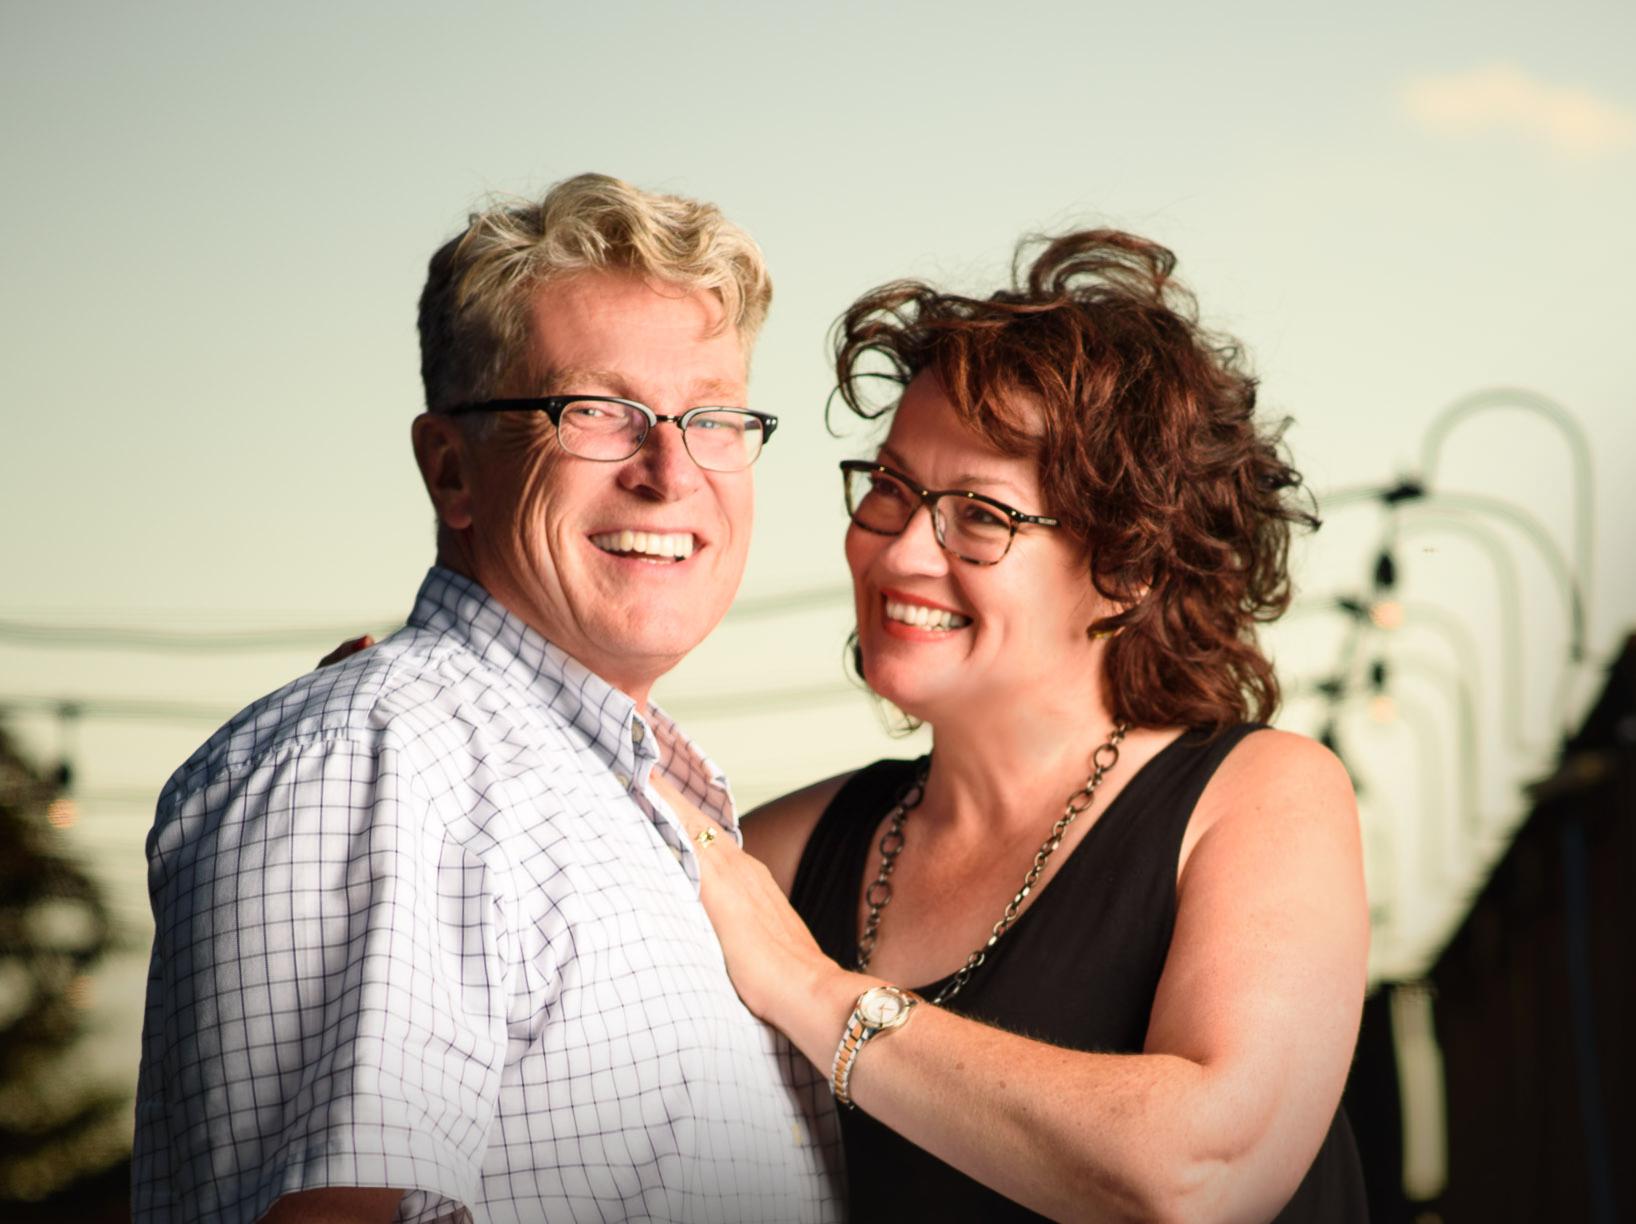 Our Senior Pastors: Pastor Terry & Pastor Terri Murphy